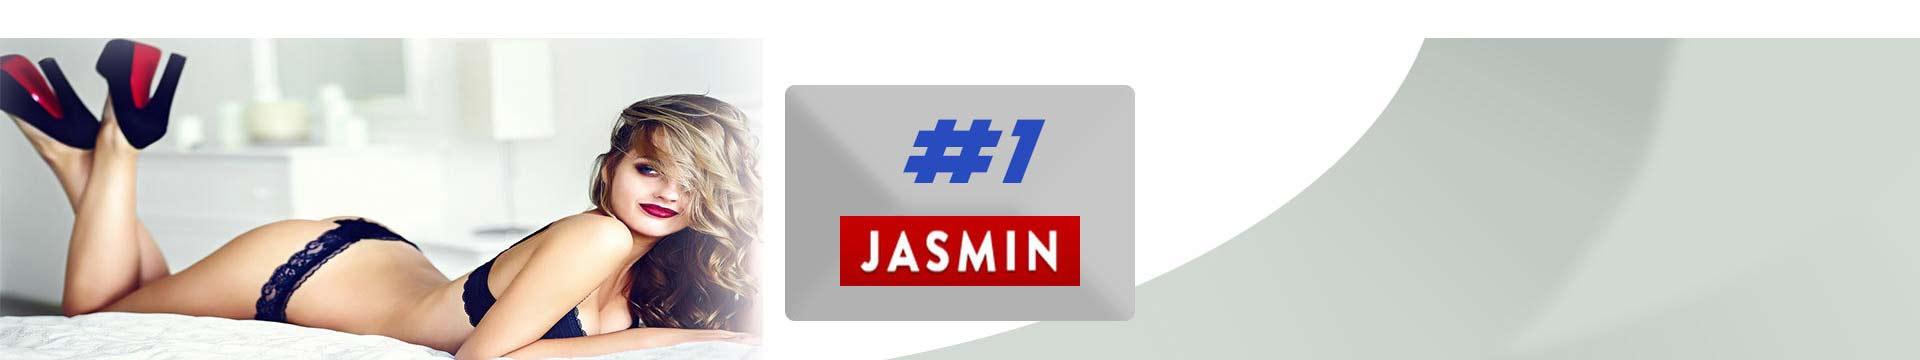 Live Jasmin Header